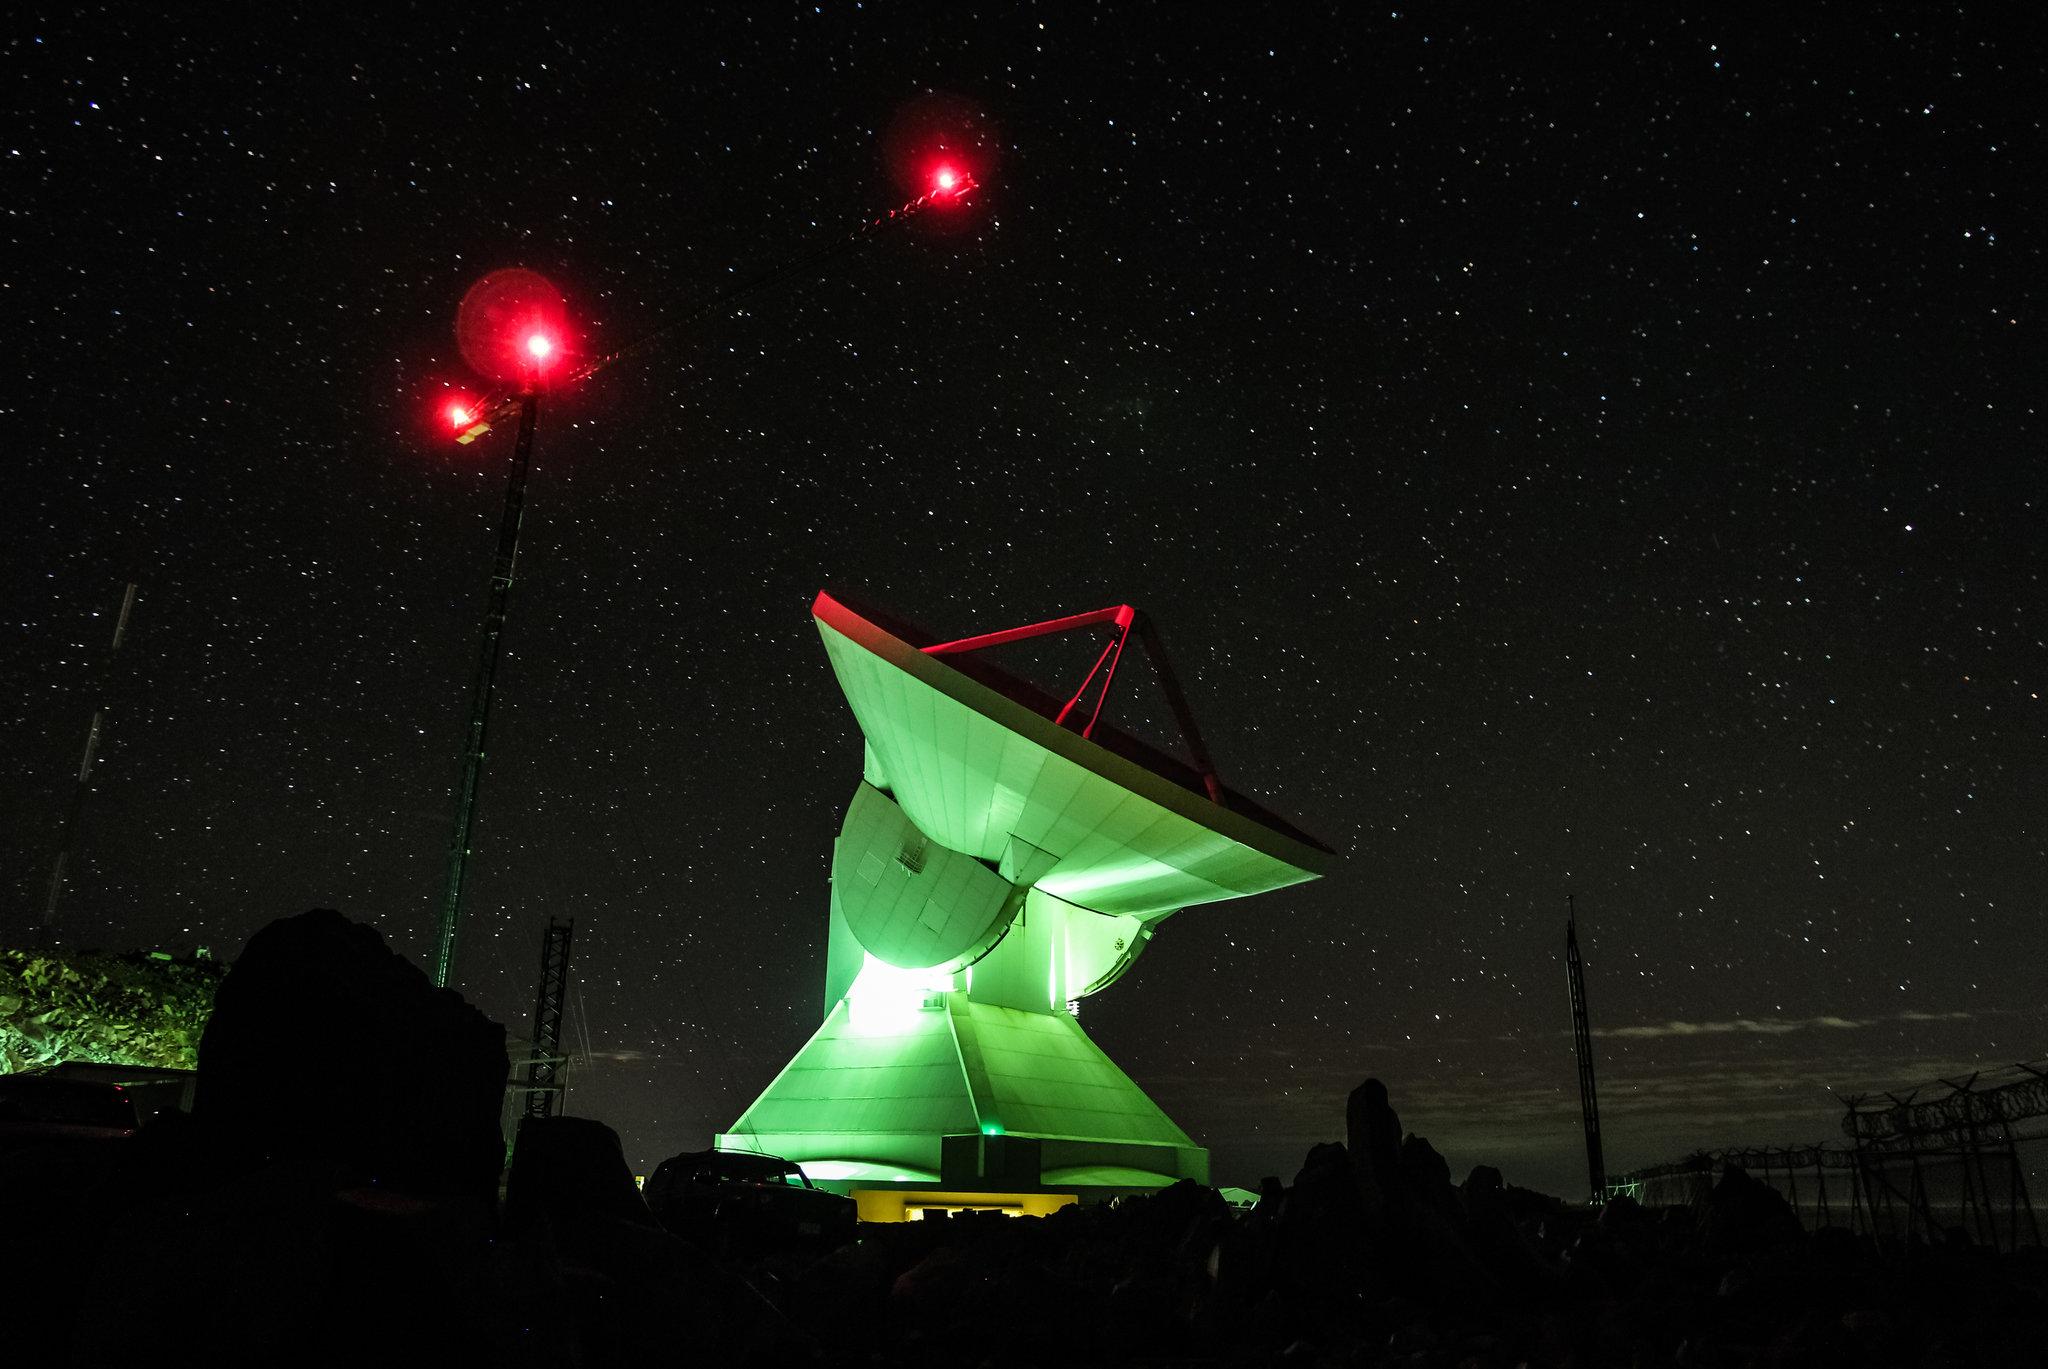 أحد التيليسكوبات المستخدمة فى تصوير أثر الثقب الأسود